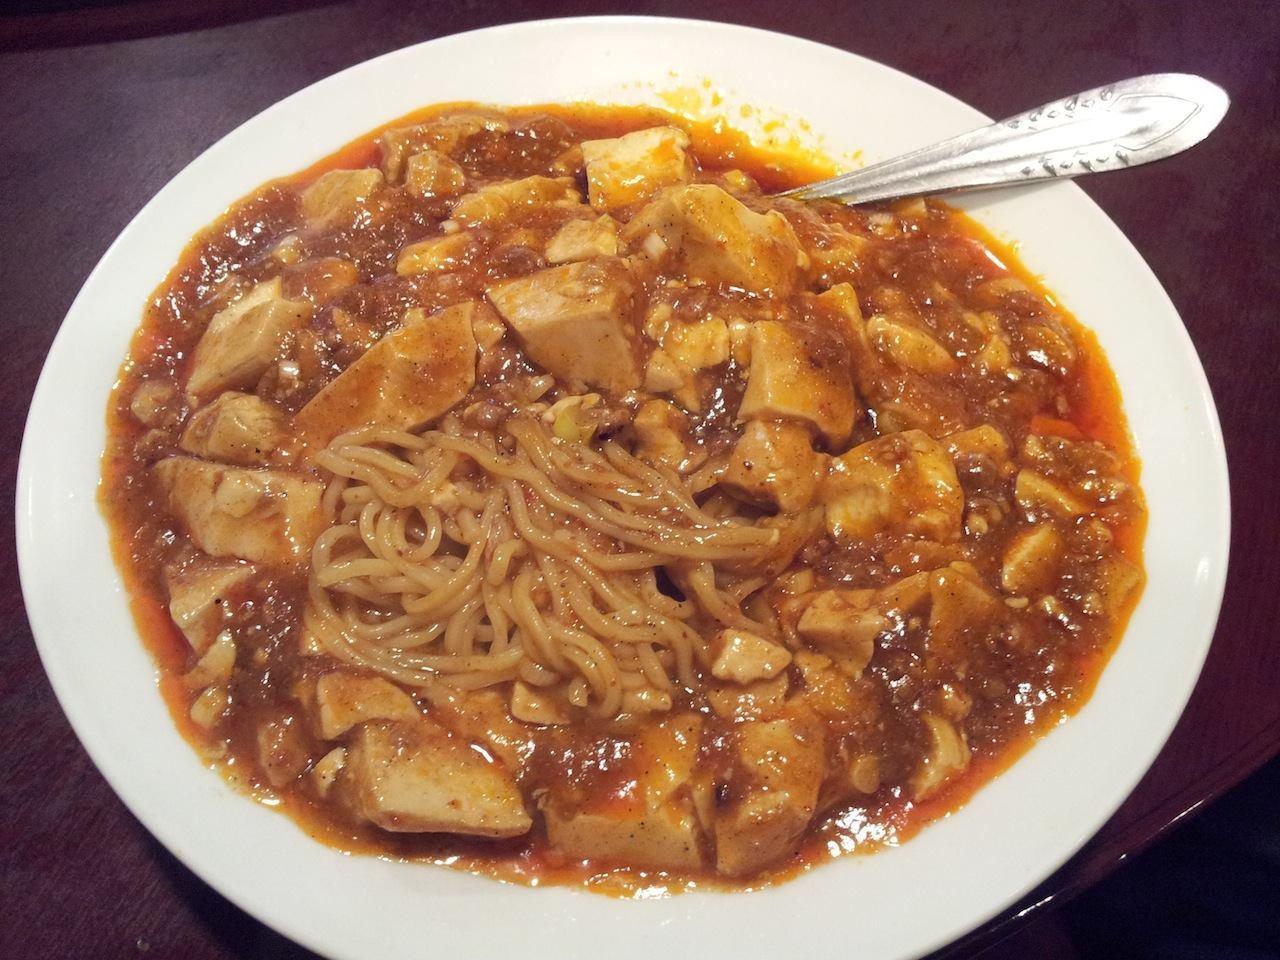 和平飯店の汁なしマーボータンタン麺アルヨ。一皿で麻婆とタンタンと麺と汁なしが楽しめるアルヨ! 【2013年9月20日】